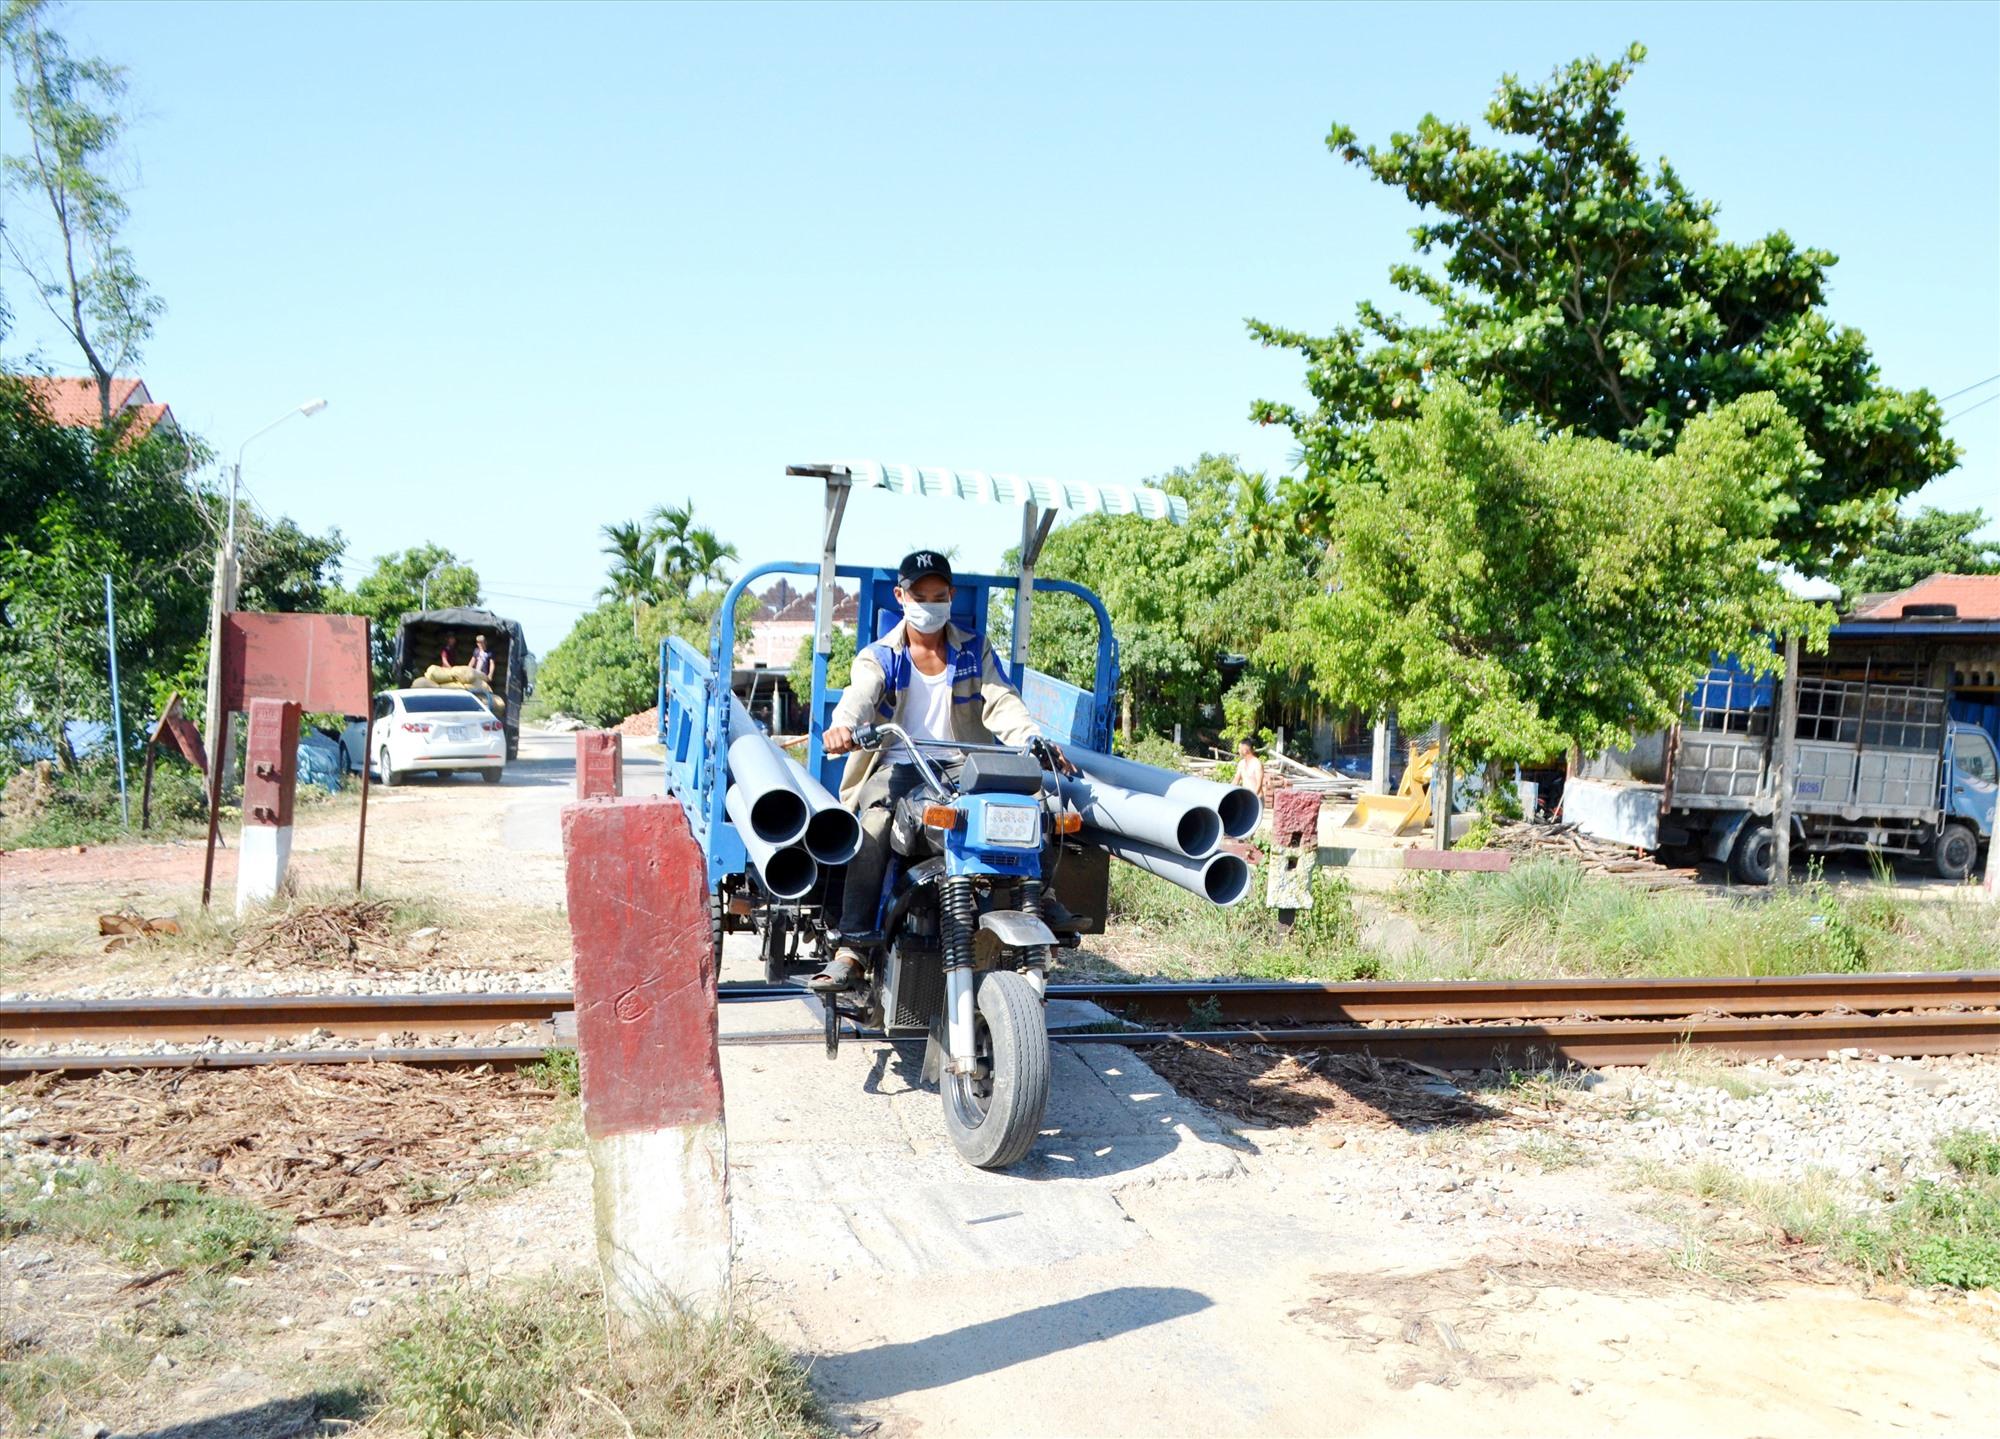 Người dân tháo dỡ trụ bê tông tại lý trình đường sắt km845+875 (xã Bình Chánh, Thăng Bình) để xe 3 bánh qua lại. Ảnh: C.T